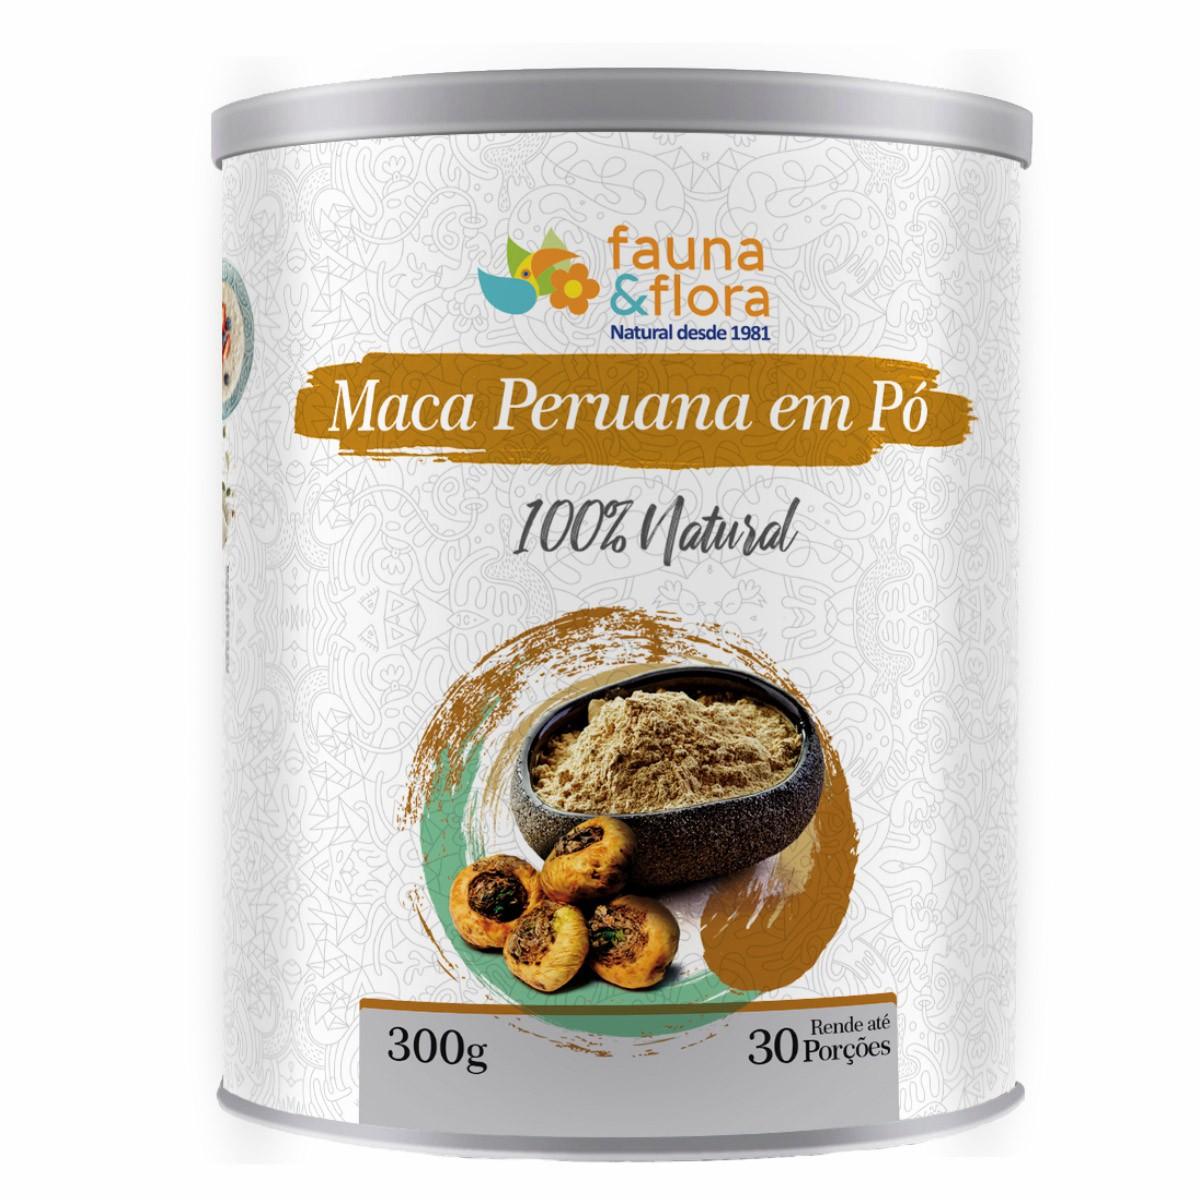 Maca Peruana Em Pó 300g Fauna e Flora